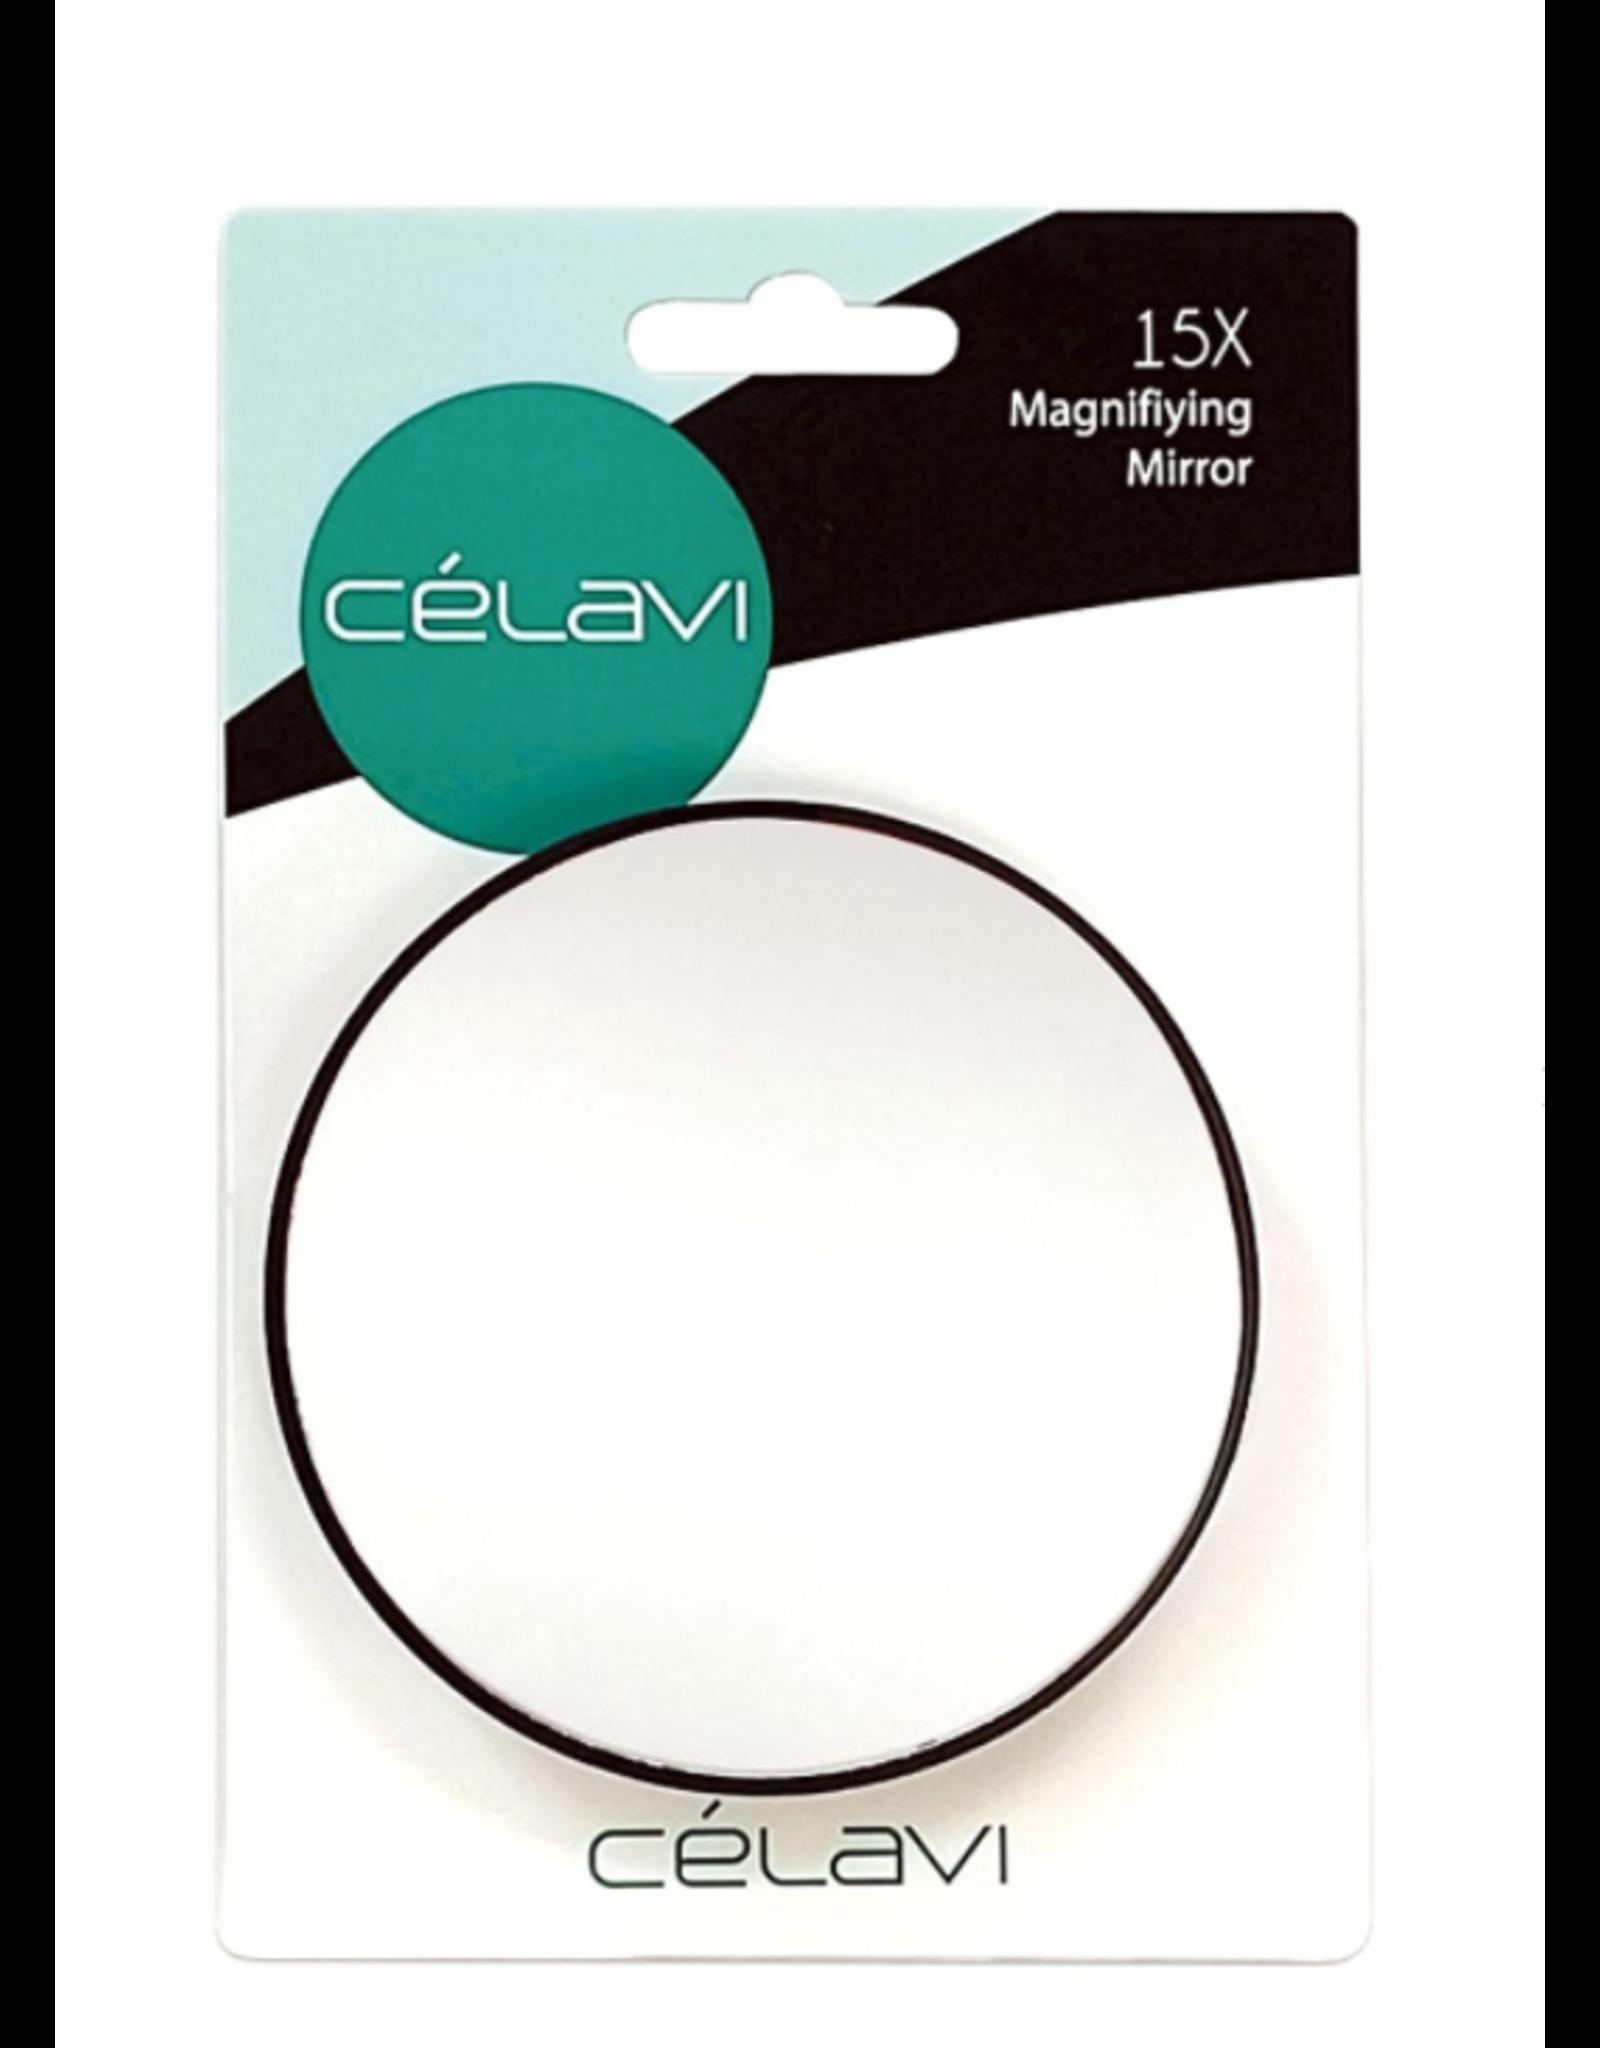 CELAVI 15X MAGNIFIYING MIRROR